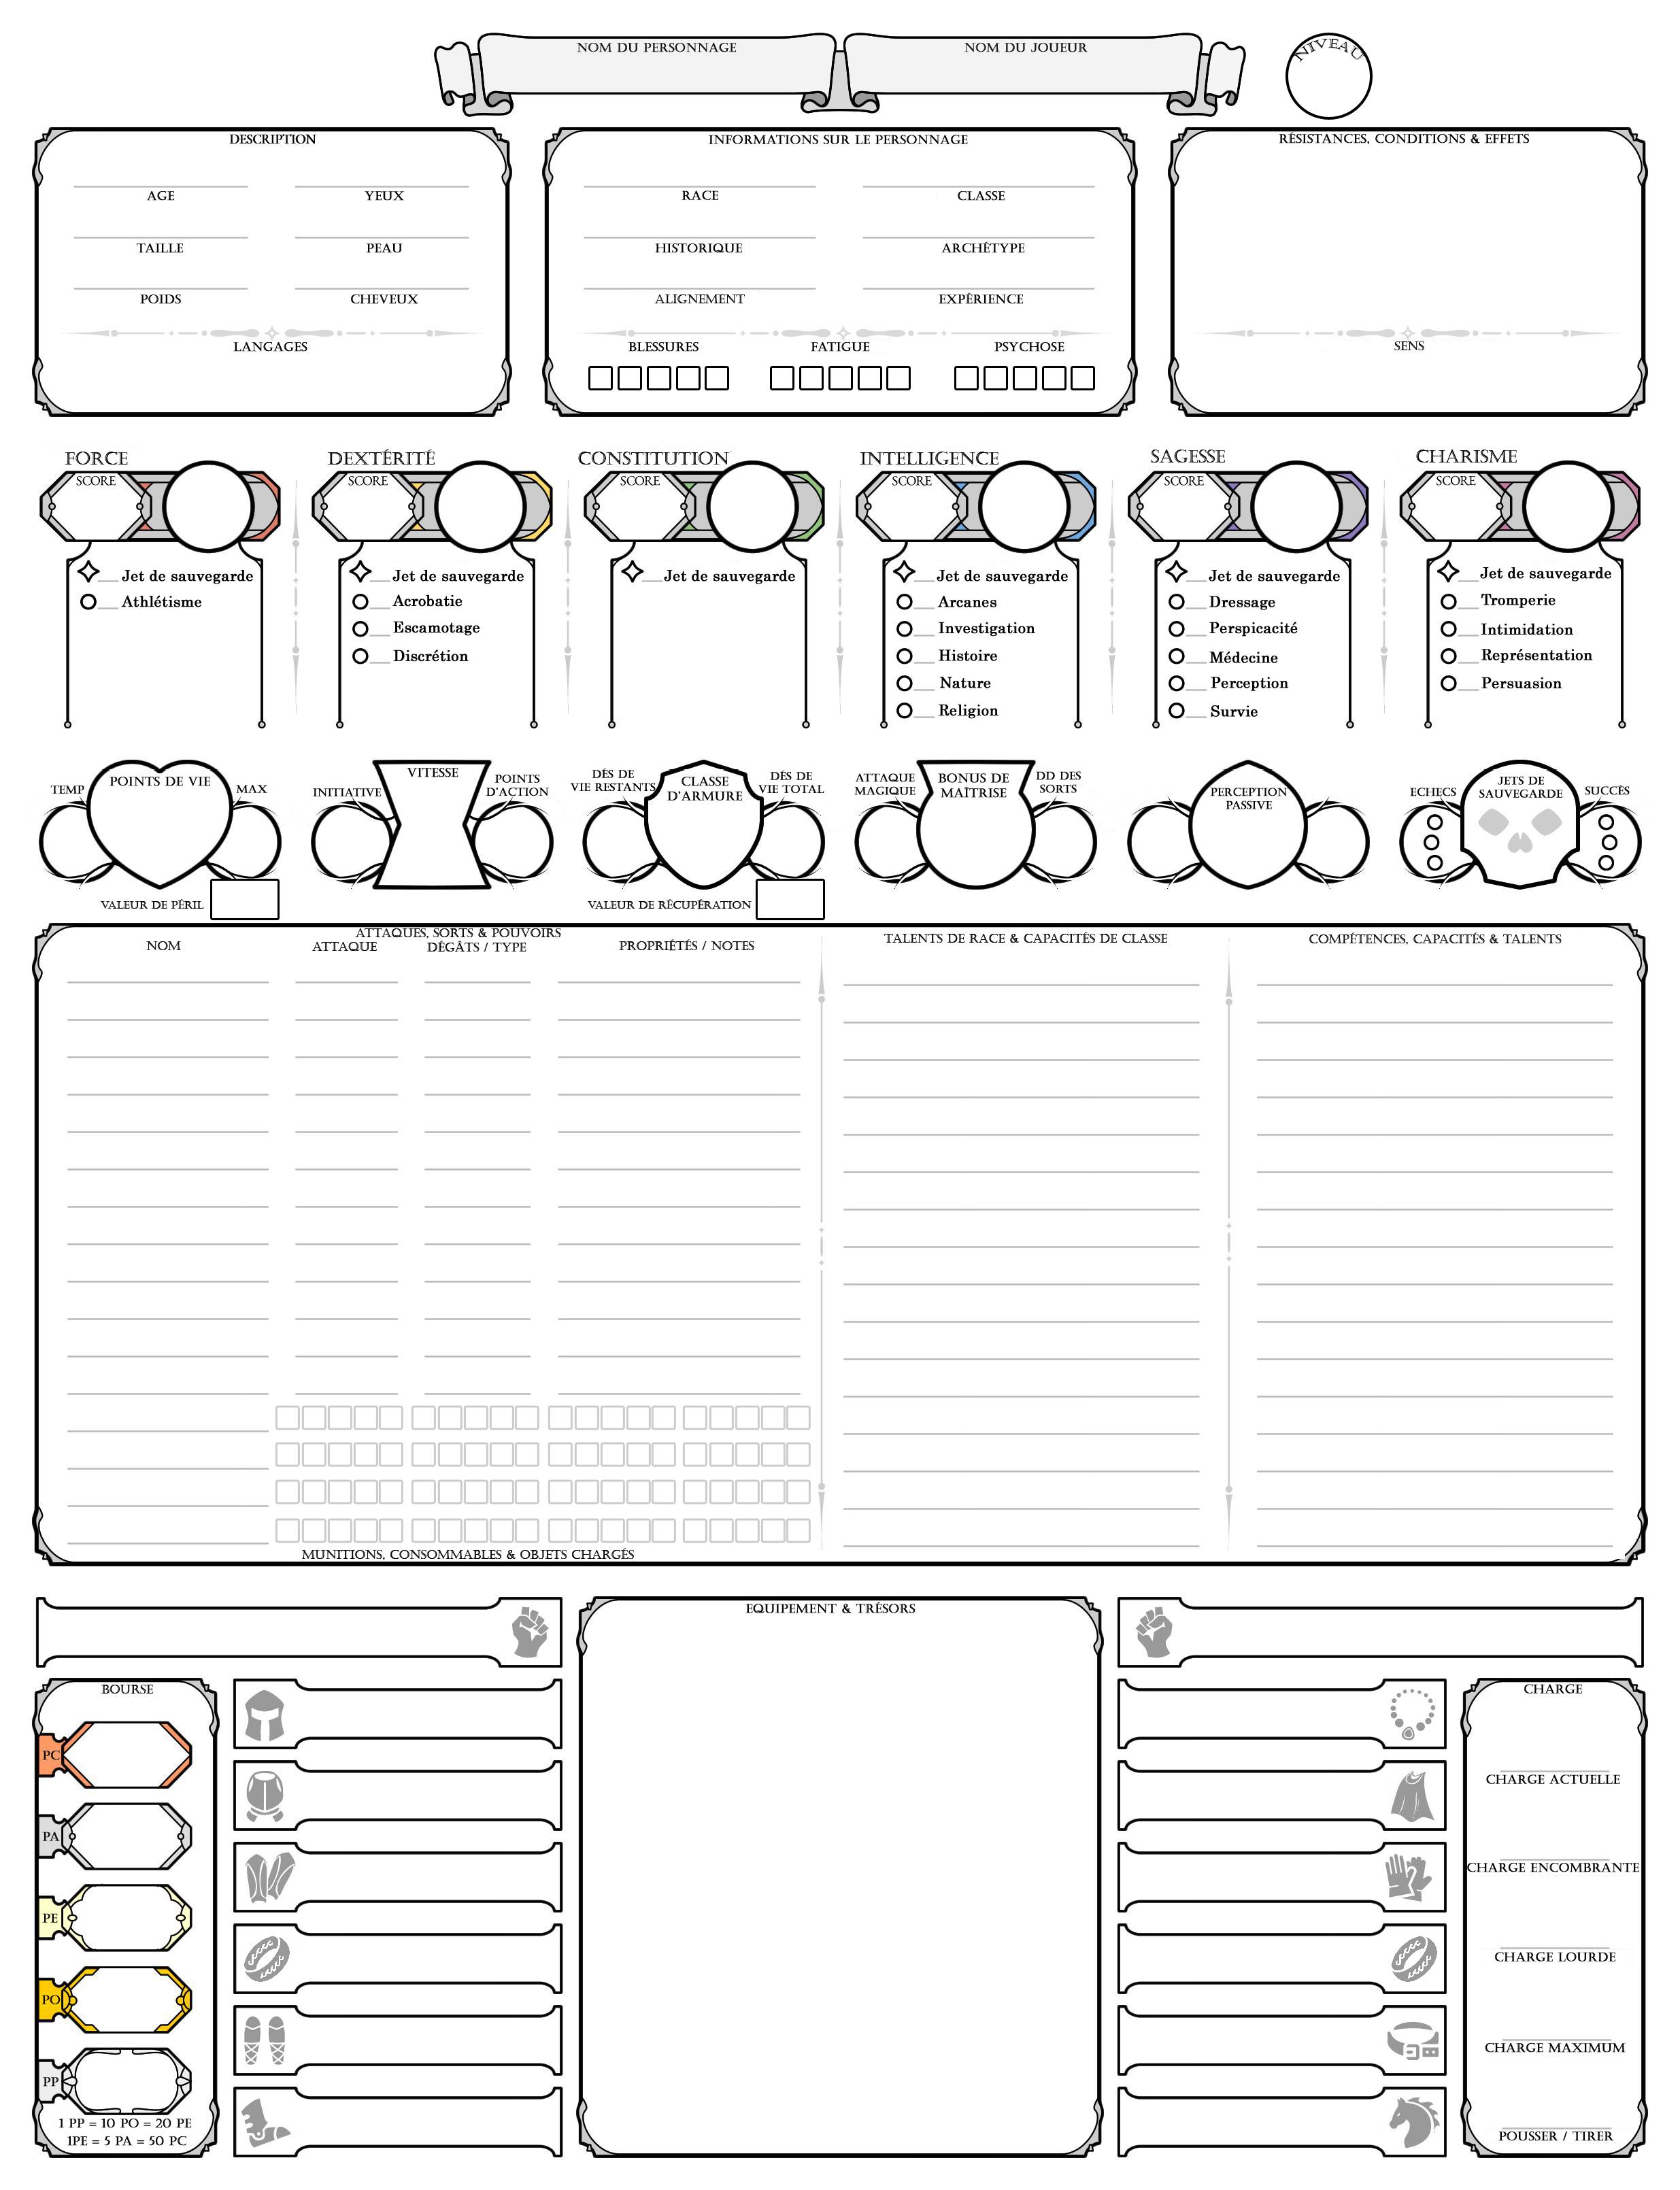 D&D5 Character Sheet P1.jpg